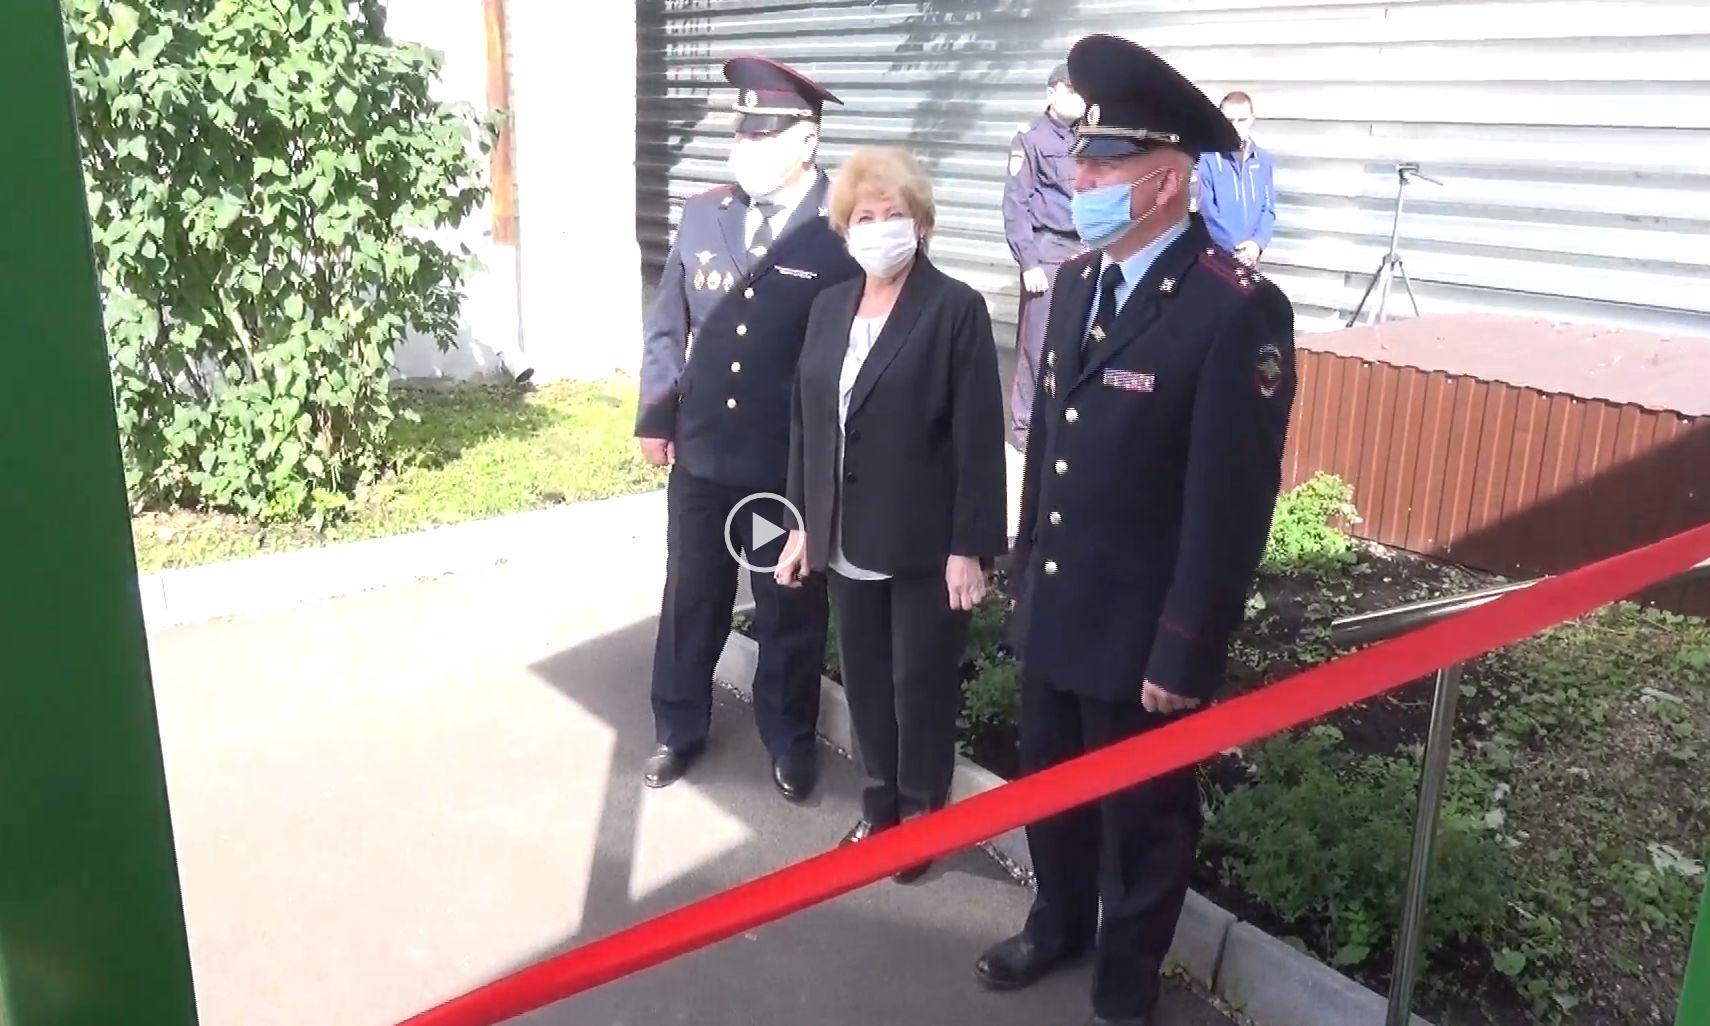 На территории ОМВД России по городскому округу города Переславль-Залесский состоялось открытие врачебного здравпункта